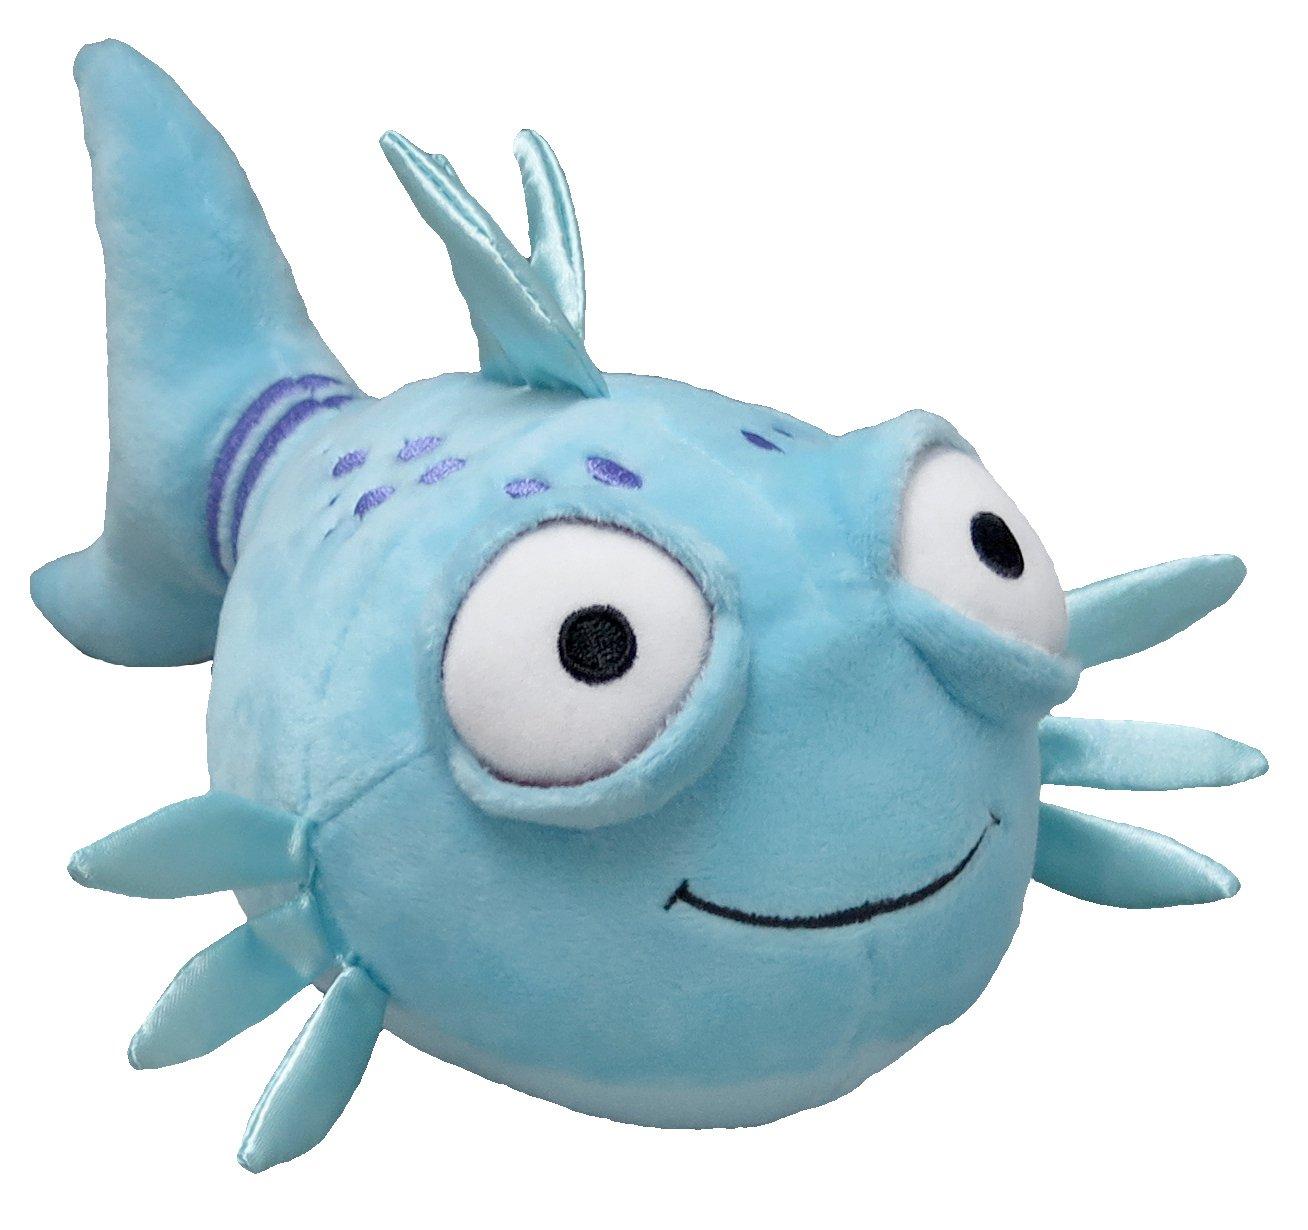 Pout Pout Fish Doll New Free Shipping Ebay